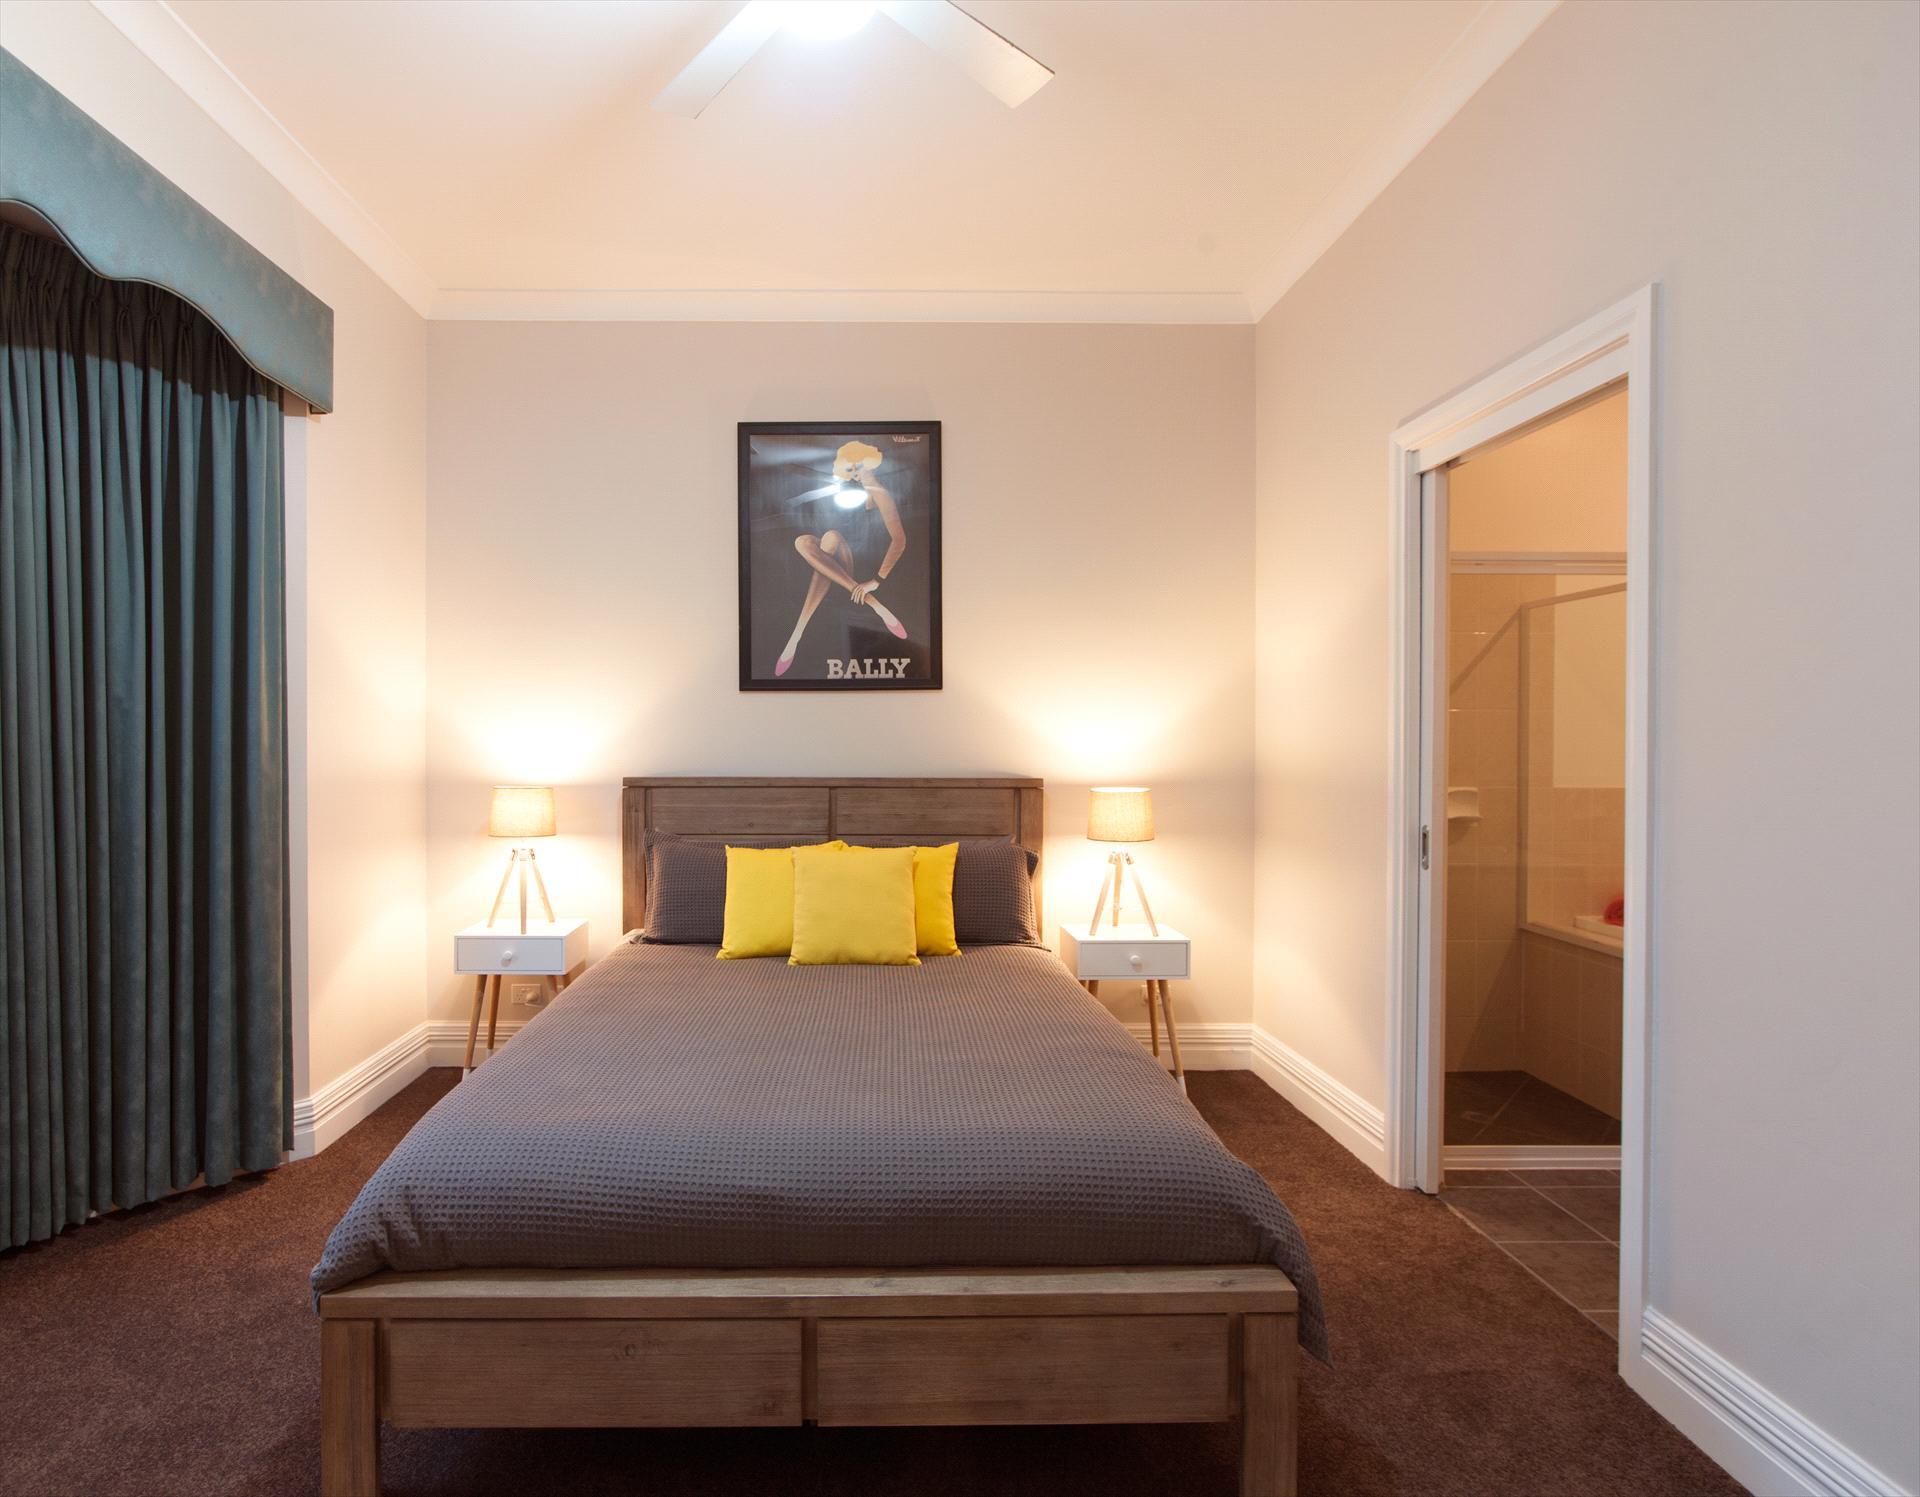 Accent on Echuca Apartment. Apartment Echuca   makitaserviciopanama com